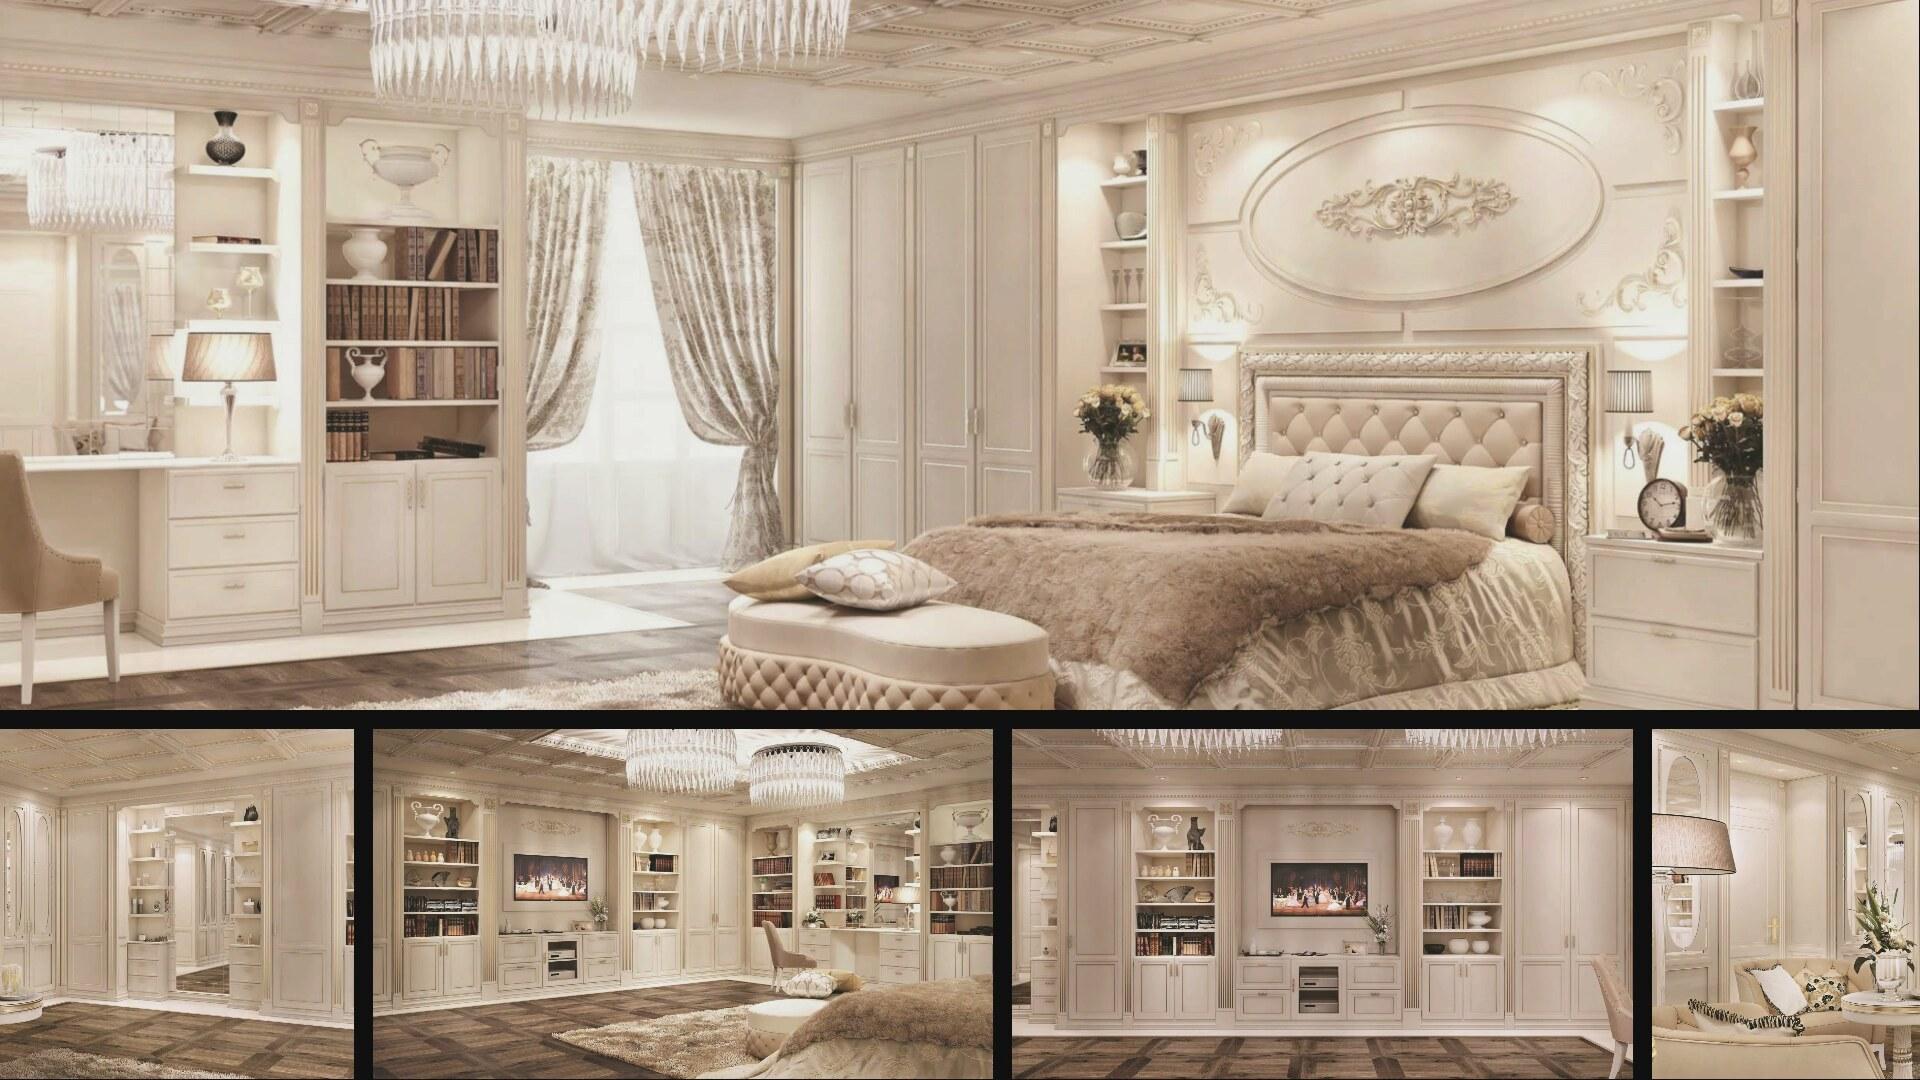 2017 modern yatak odas modelleri ev dekorasyonu ve yeni modeller - Ultra L Ks Yatak Odas Dekorasyon Modelleri